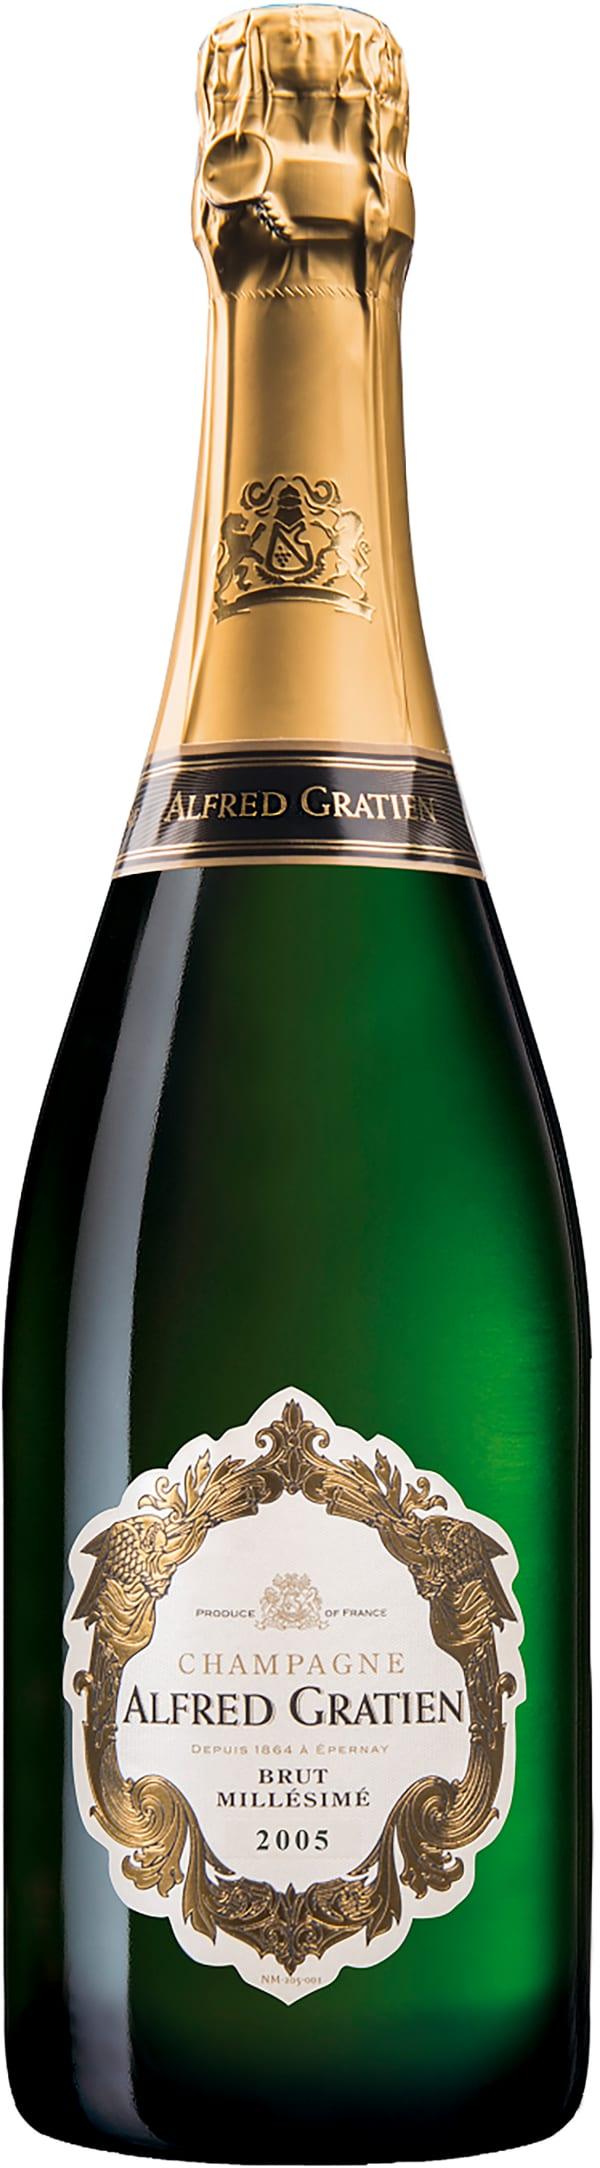 Alfred Gratien Millésimé Champagne Brut 2005